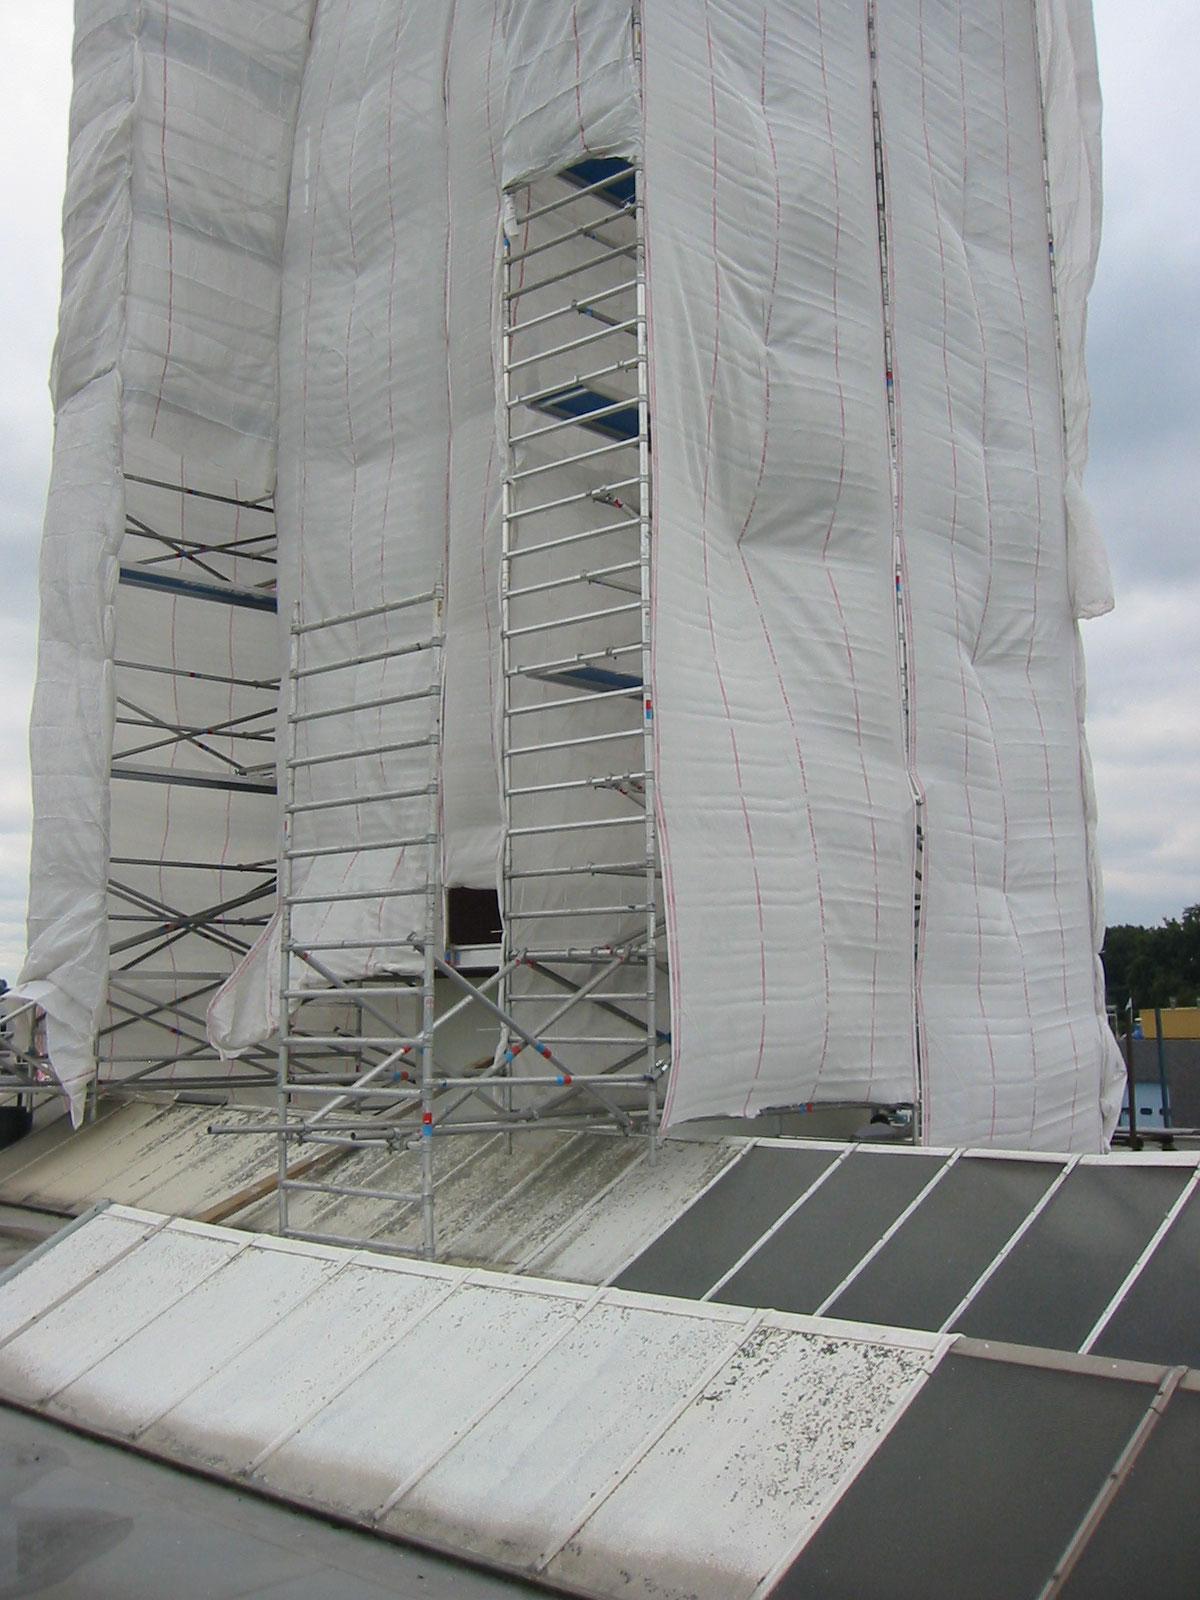 Voorzien van winddoeken